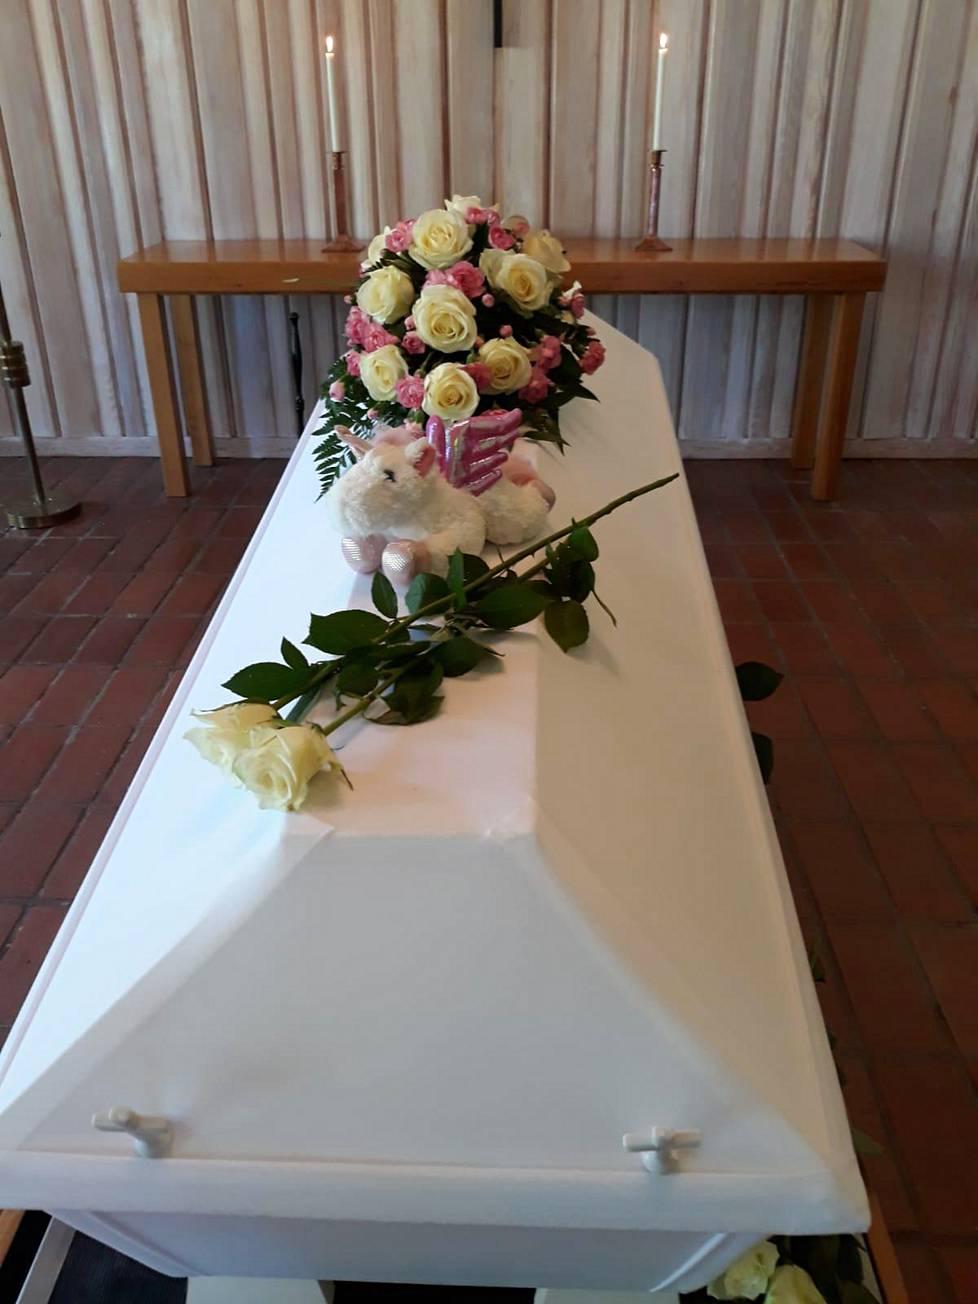 Arkun päällä on Jasminin lapsuuden lempilelu, yksisarvinen. Äiti antoi jokaiselle Jasminin ystävälle muistoksi korun Jasminin korurasiasta.